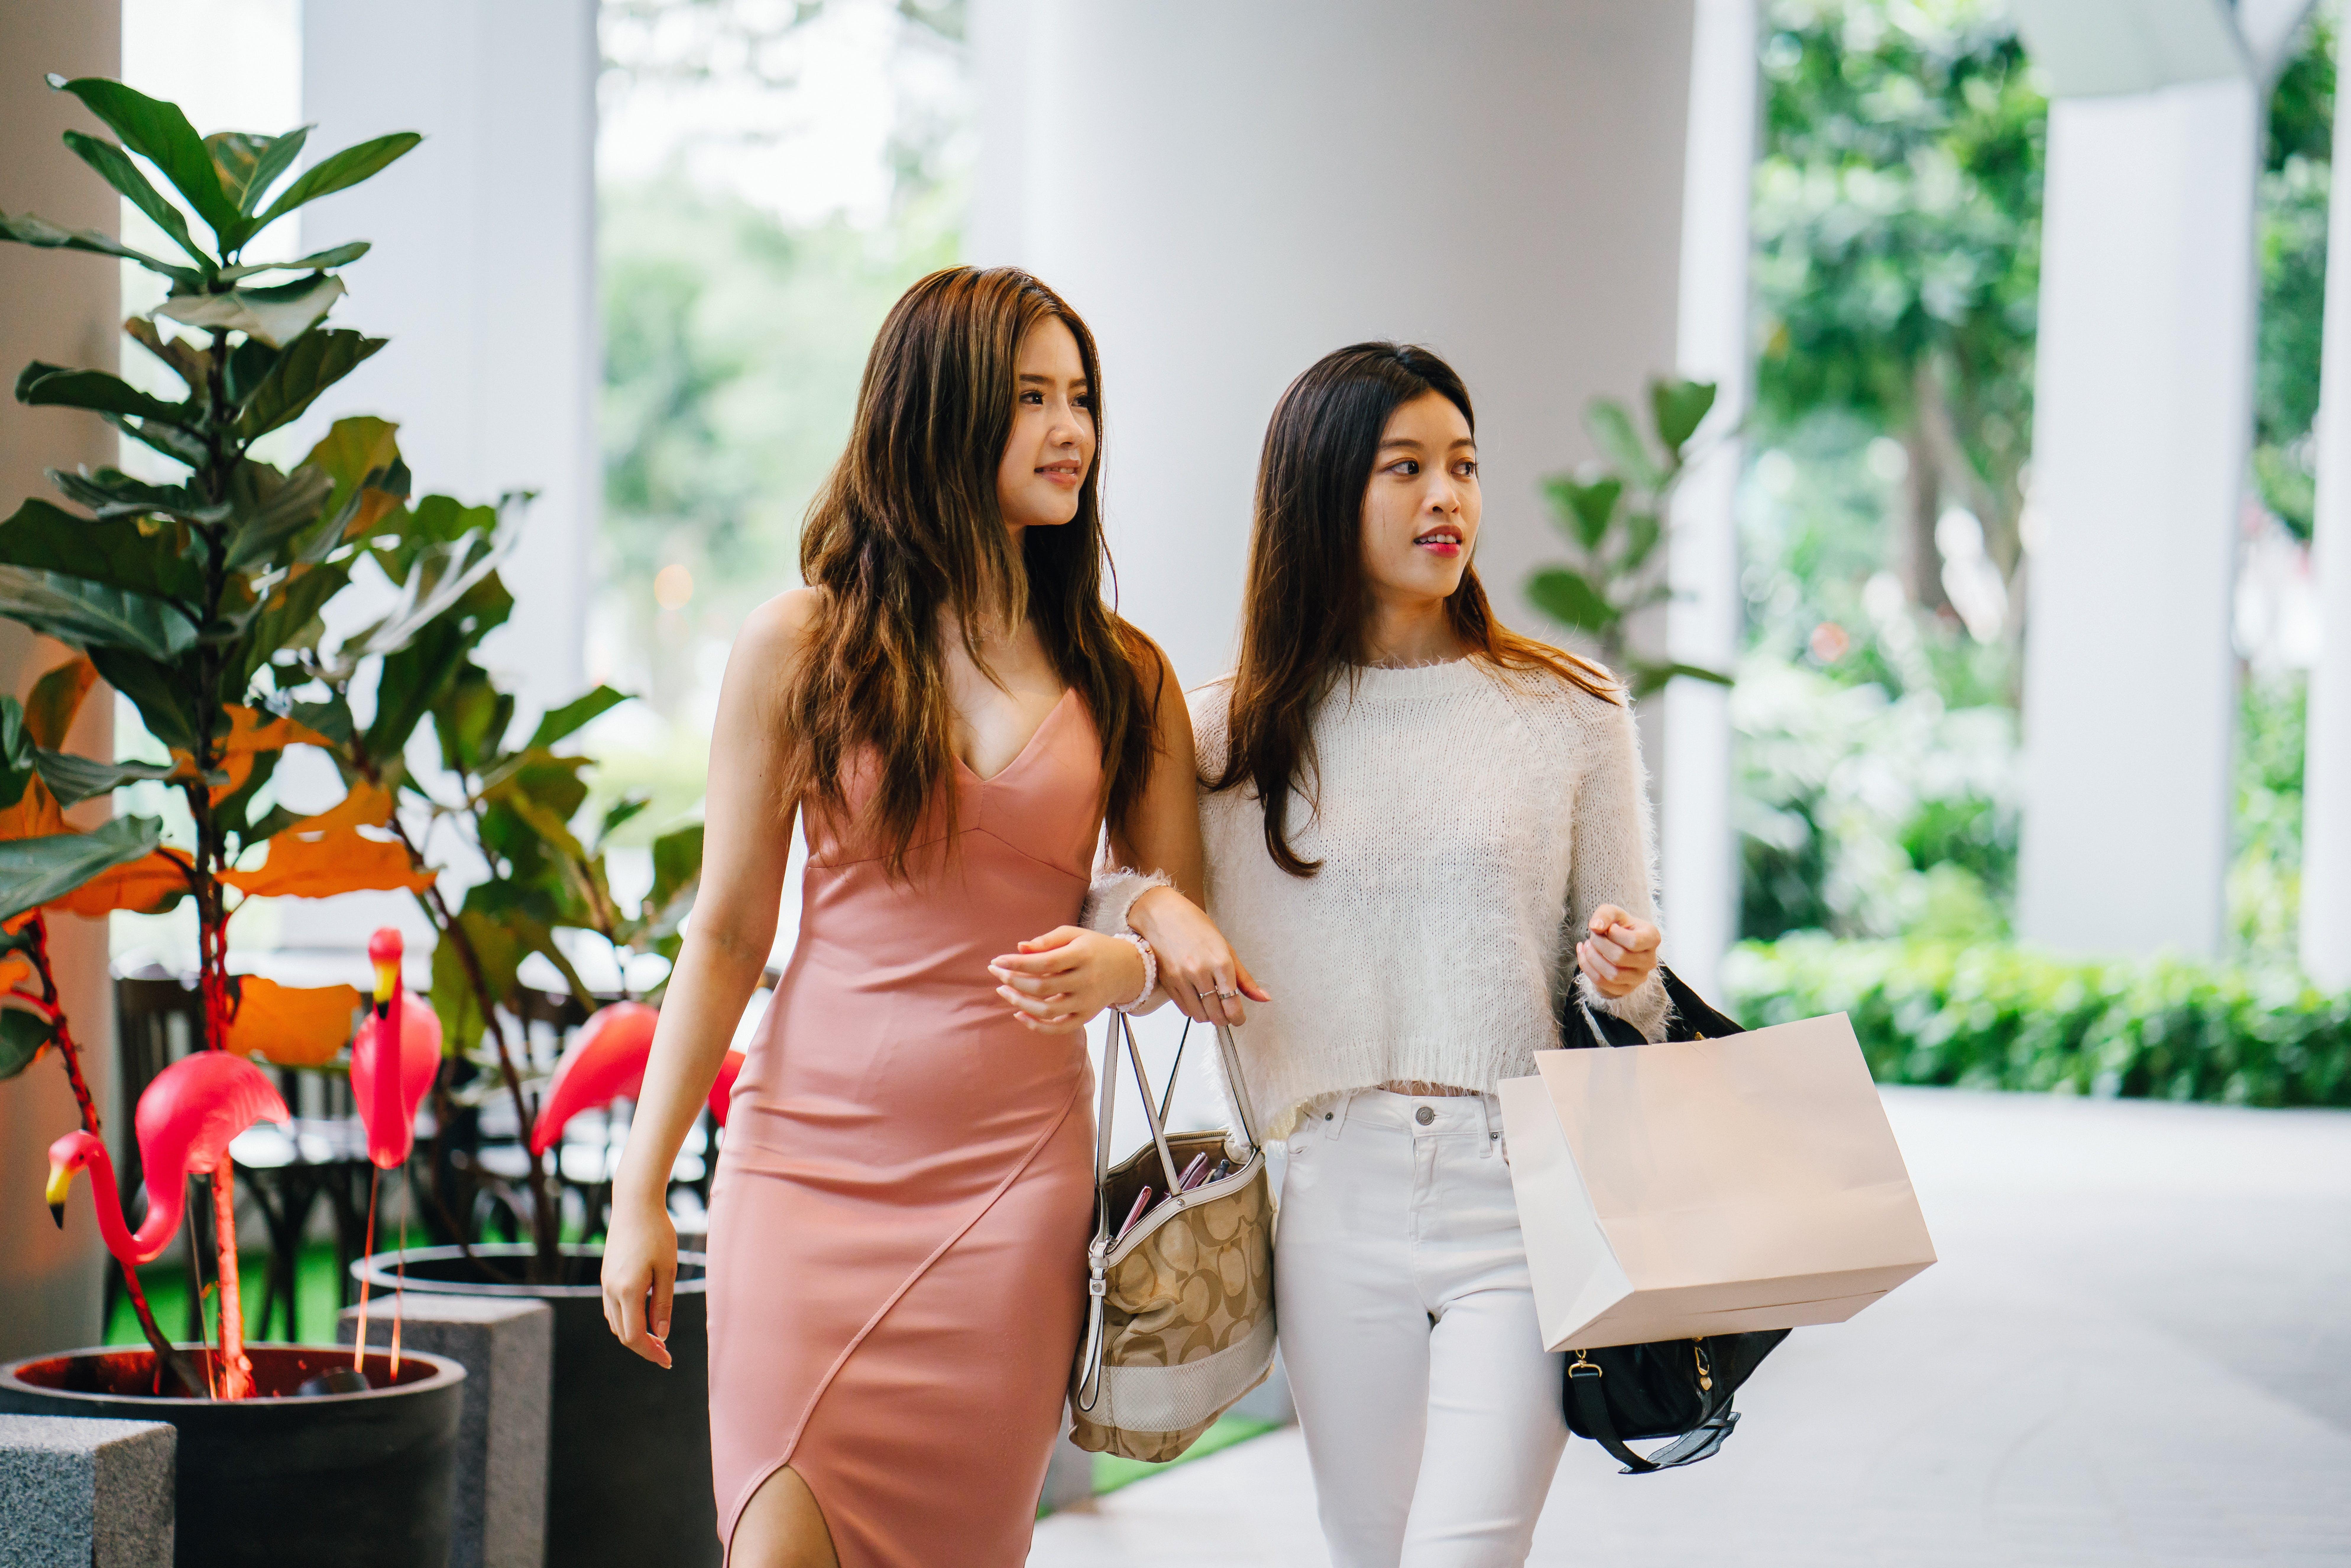 Two Women Walking Side By Side